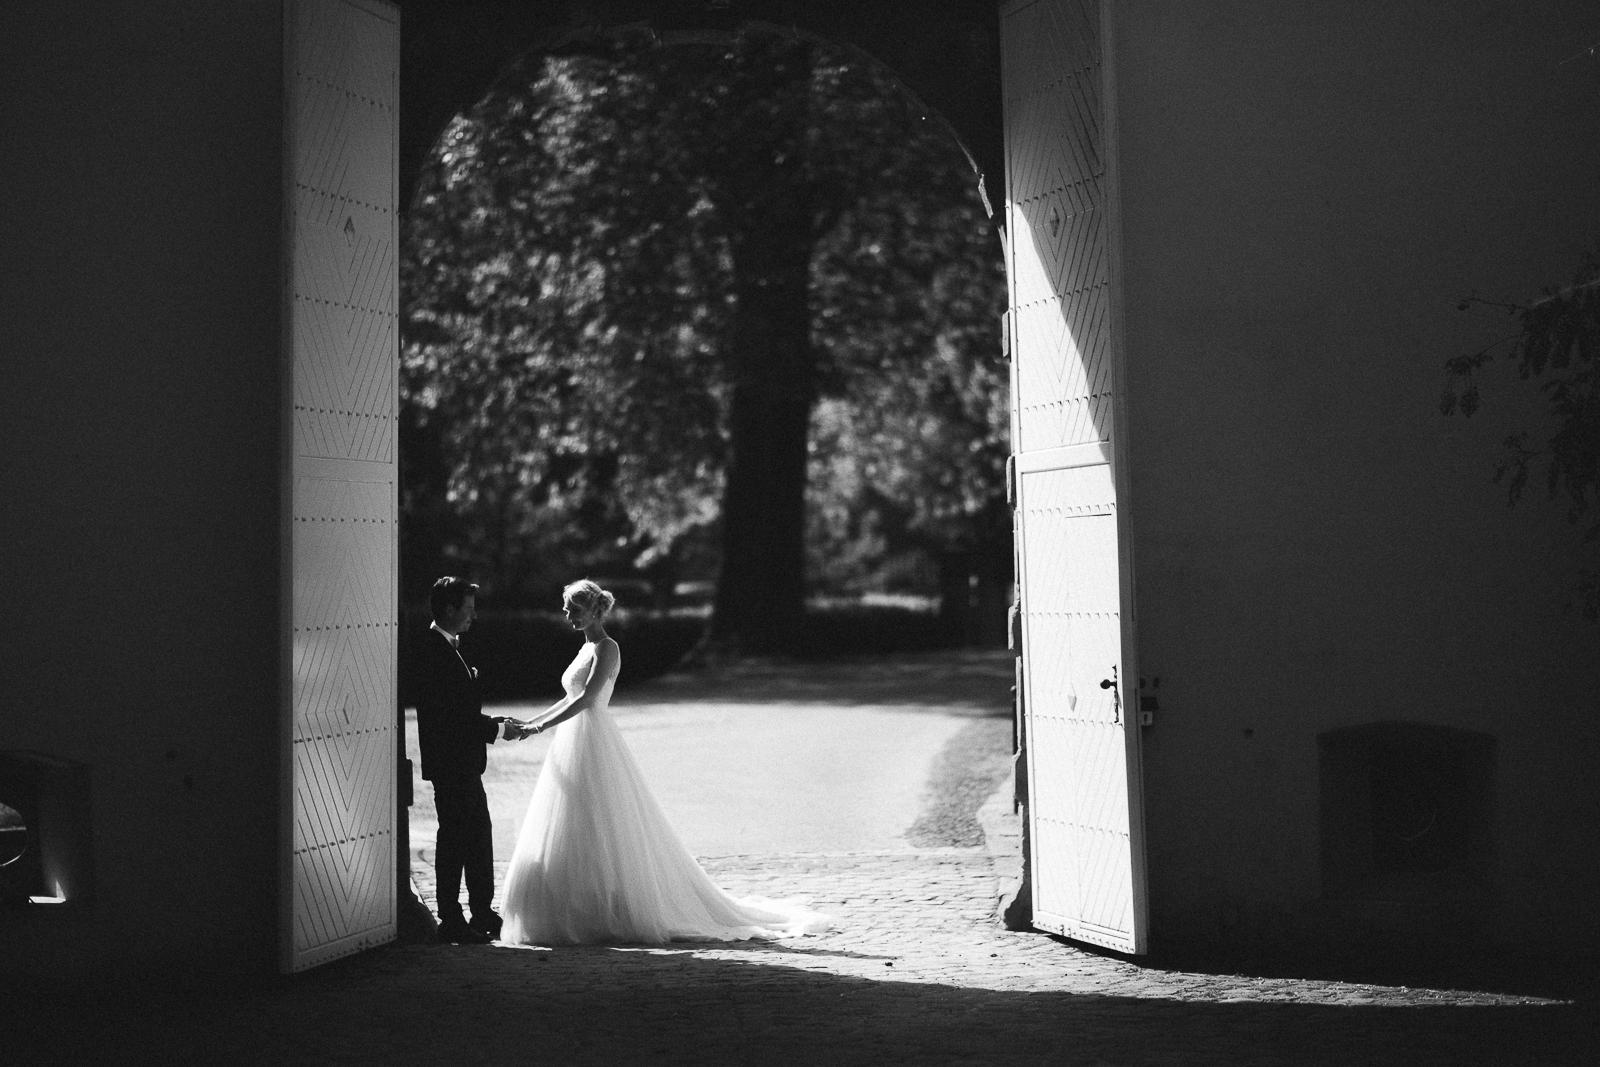 Hochzeitsfotograf LE HAI LINH Düseldorf Köln Bonn NRW-16.jpg